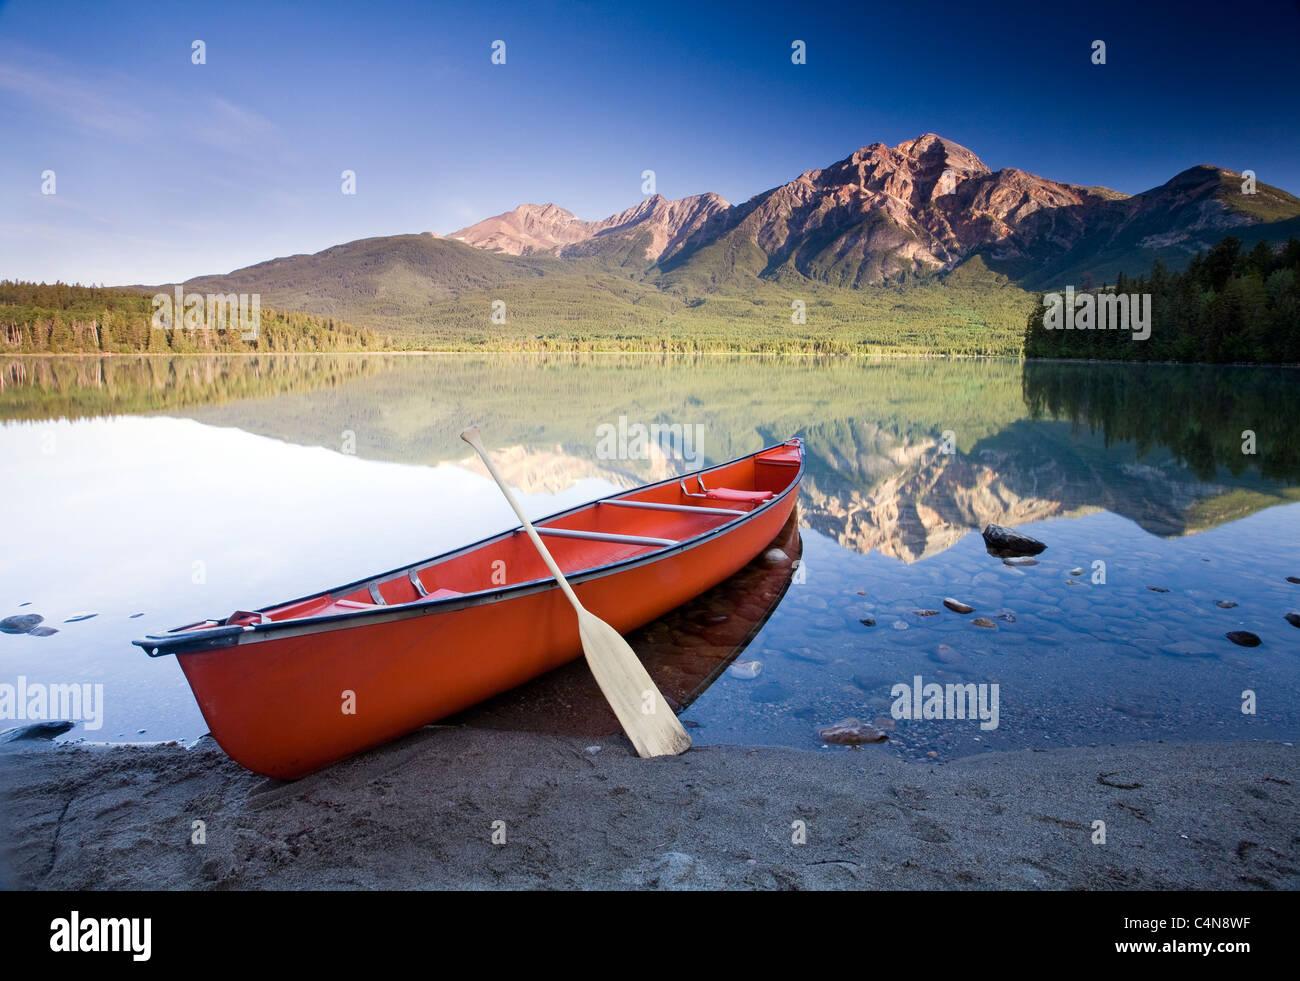 Canoa rossa all'alba sul Lago Piramide, il Parco Nazionale di Jasper, Alberta, Canada. Foto Stock